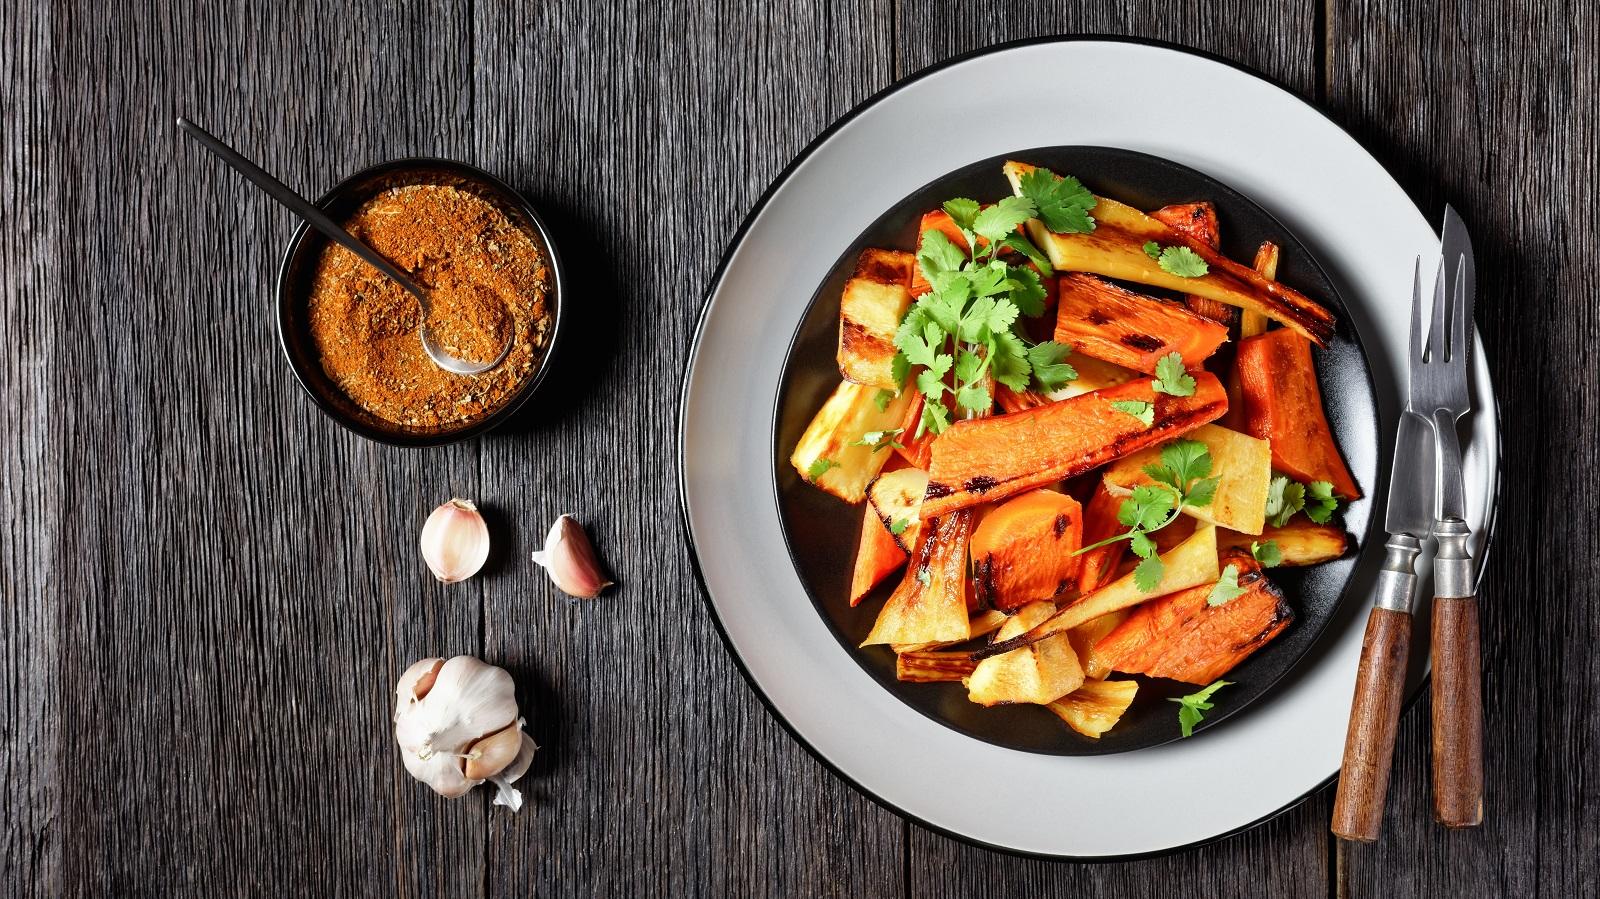 Ein Teller gefüllt mit gebackenen Karotten und Pastinaken, garniert mit frischem Koriander, neben einer Knoblauch-Knolle, einer kleinen Schüssel mit marokkanischen Gewürzen und Messer und Gabel, vor einem Holzhintergrund, von oben.